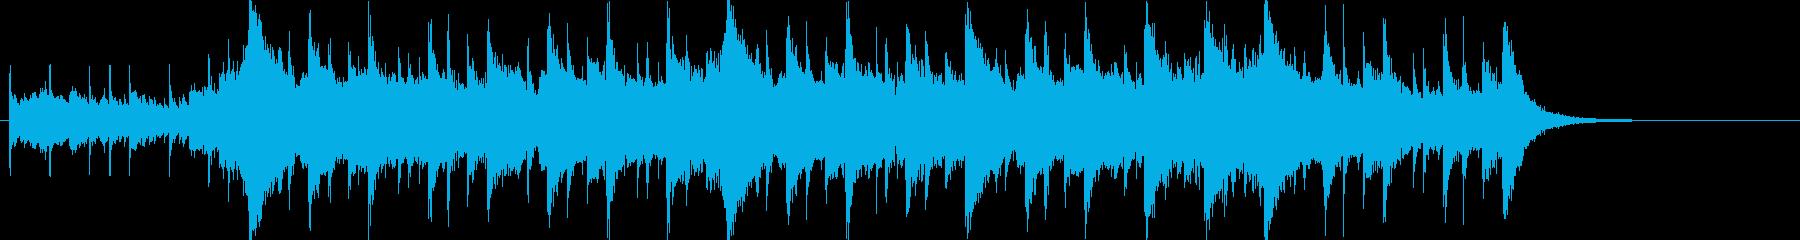 幻想的で壮大なオーケストラOPハーフcの再生済みの波形